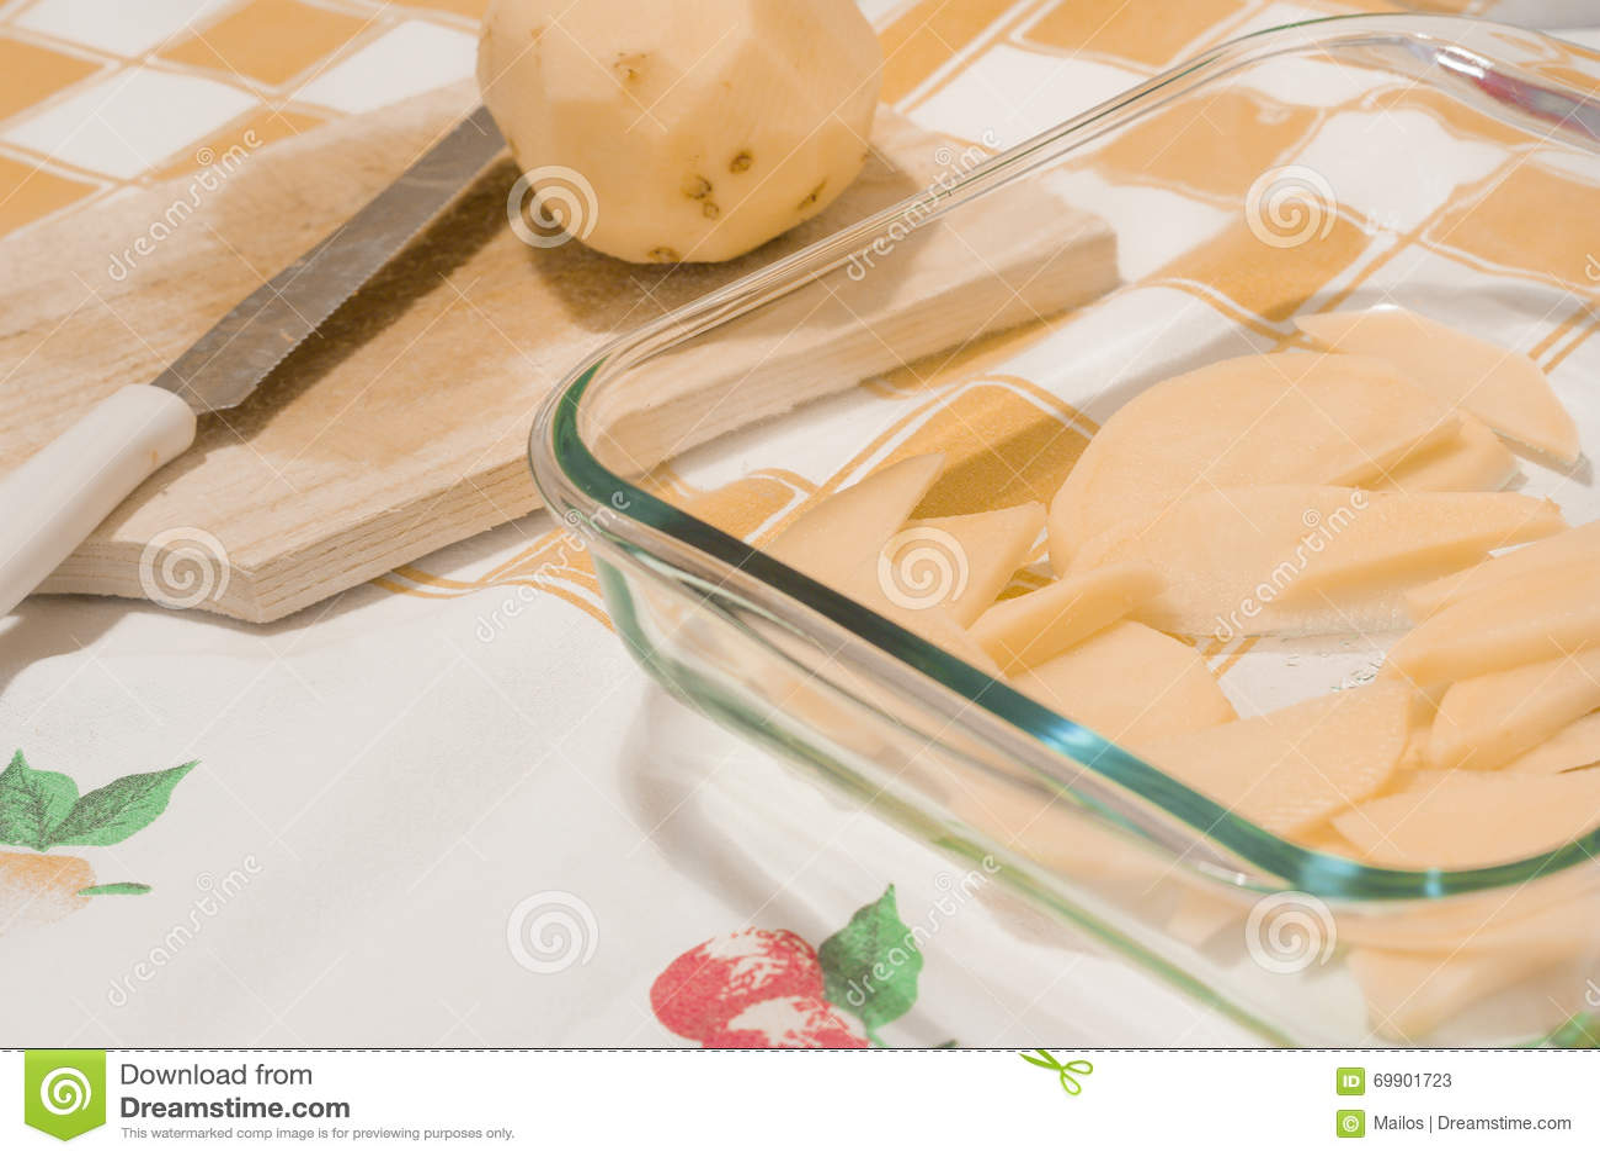 Geschnittene Kartoffeln in einer Glaswanne